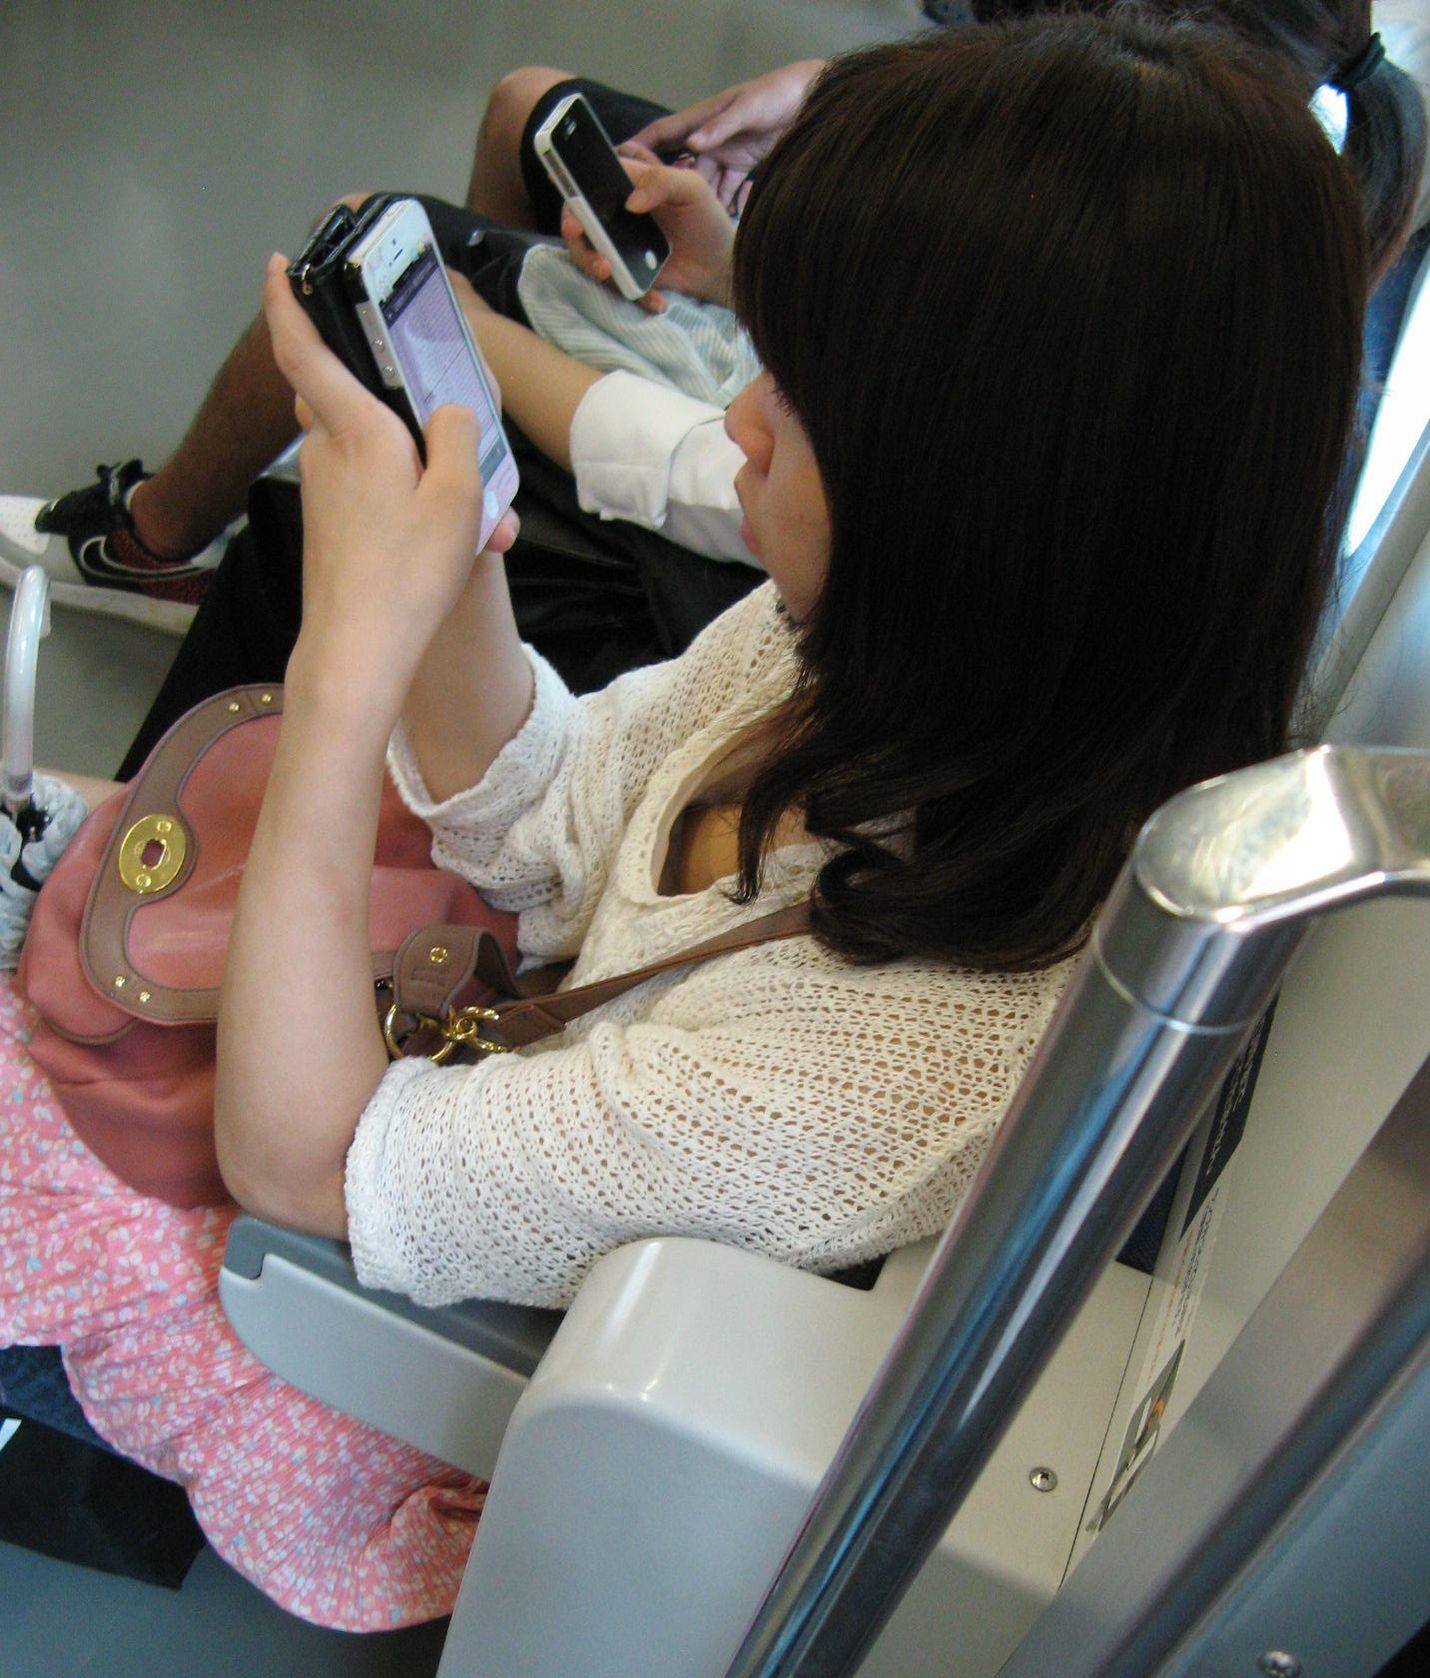 おっぱいチラ見えお姉さんたちの胸チラ街撮り素人エロ画像-052